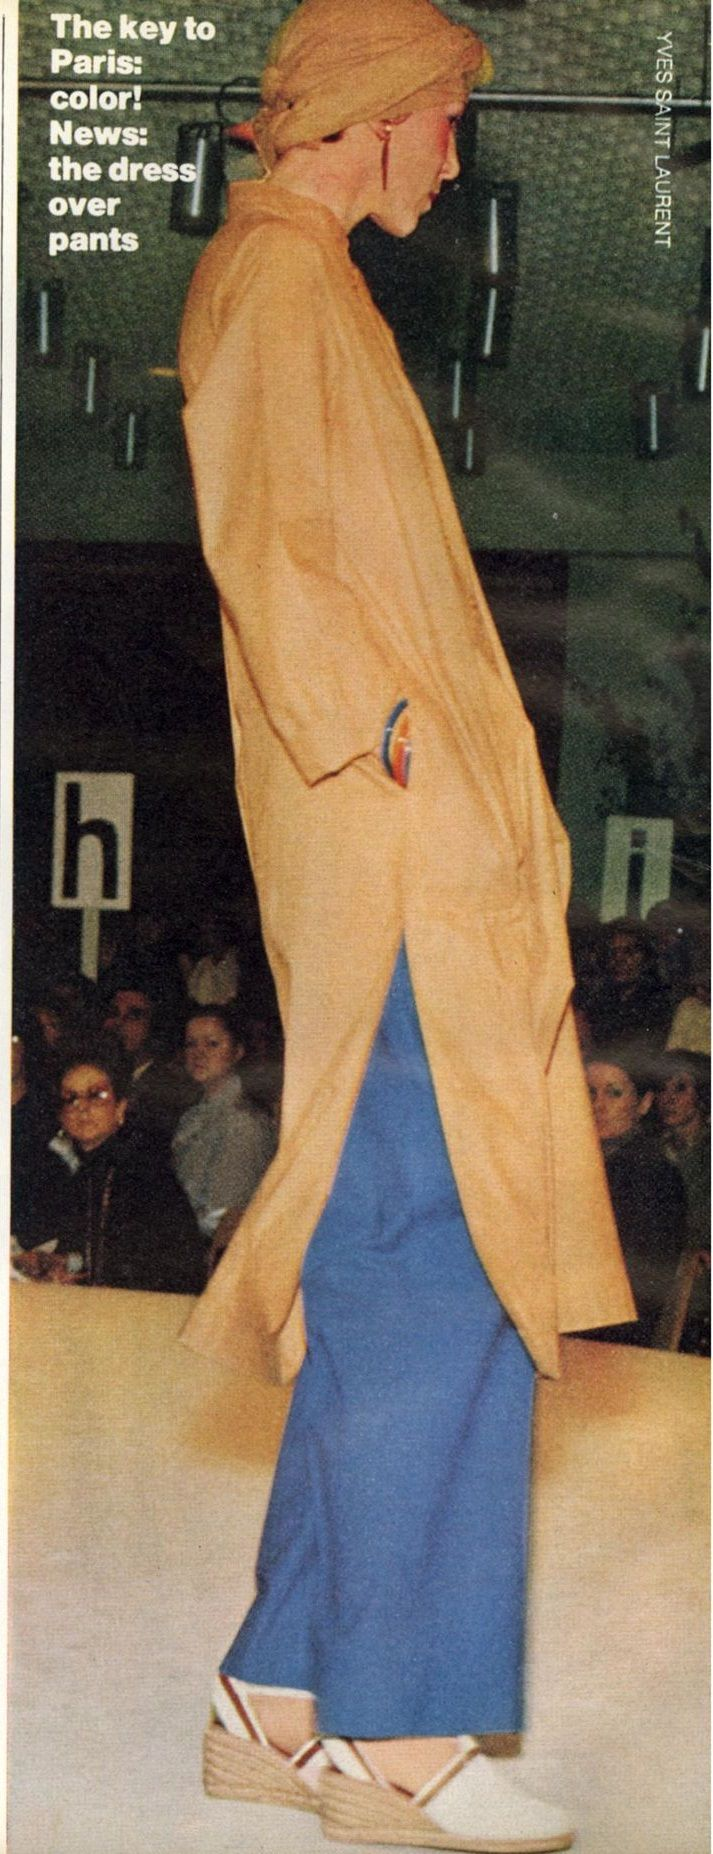 saint laurent rive gauche show in vogue us vintage